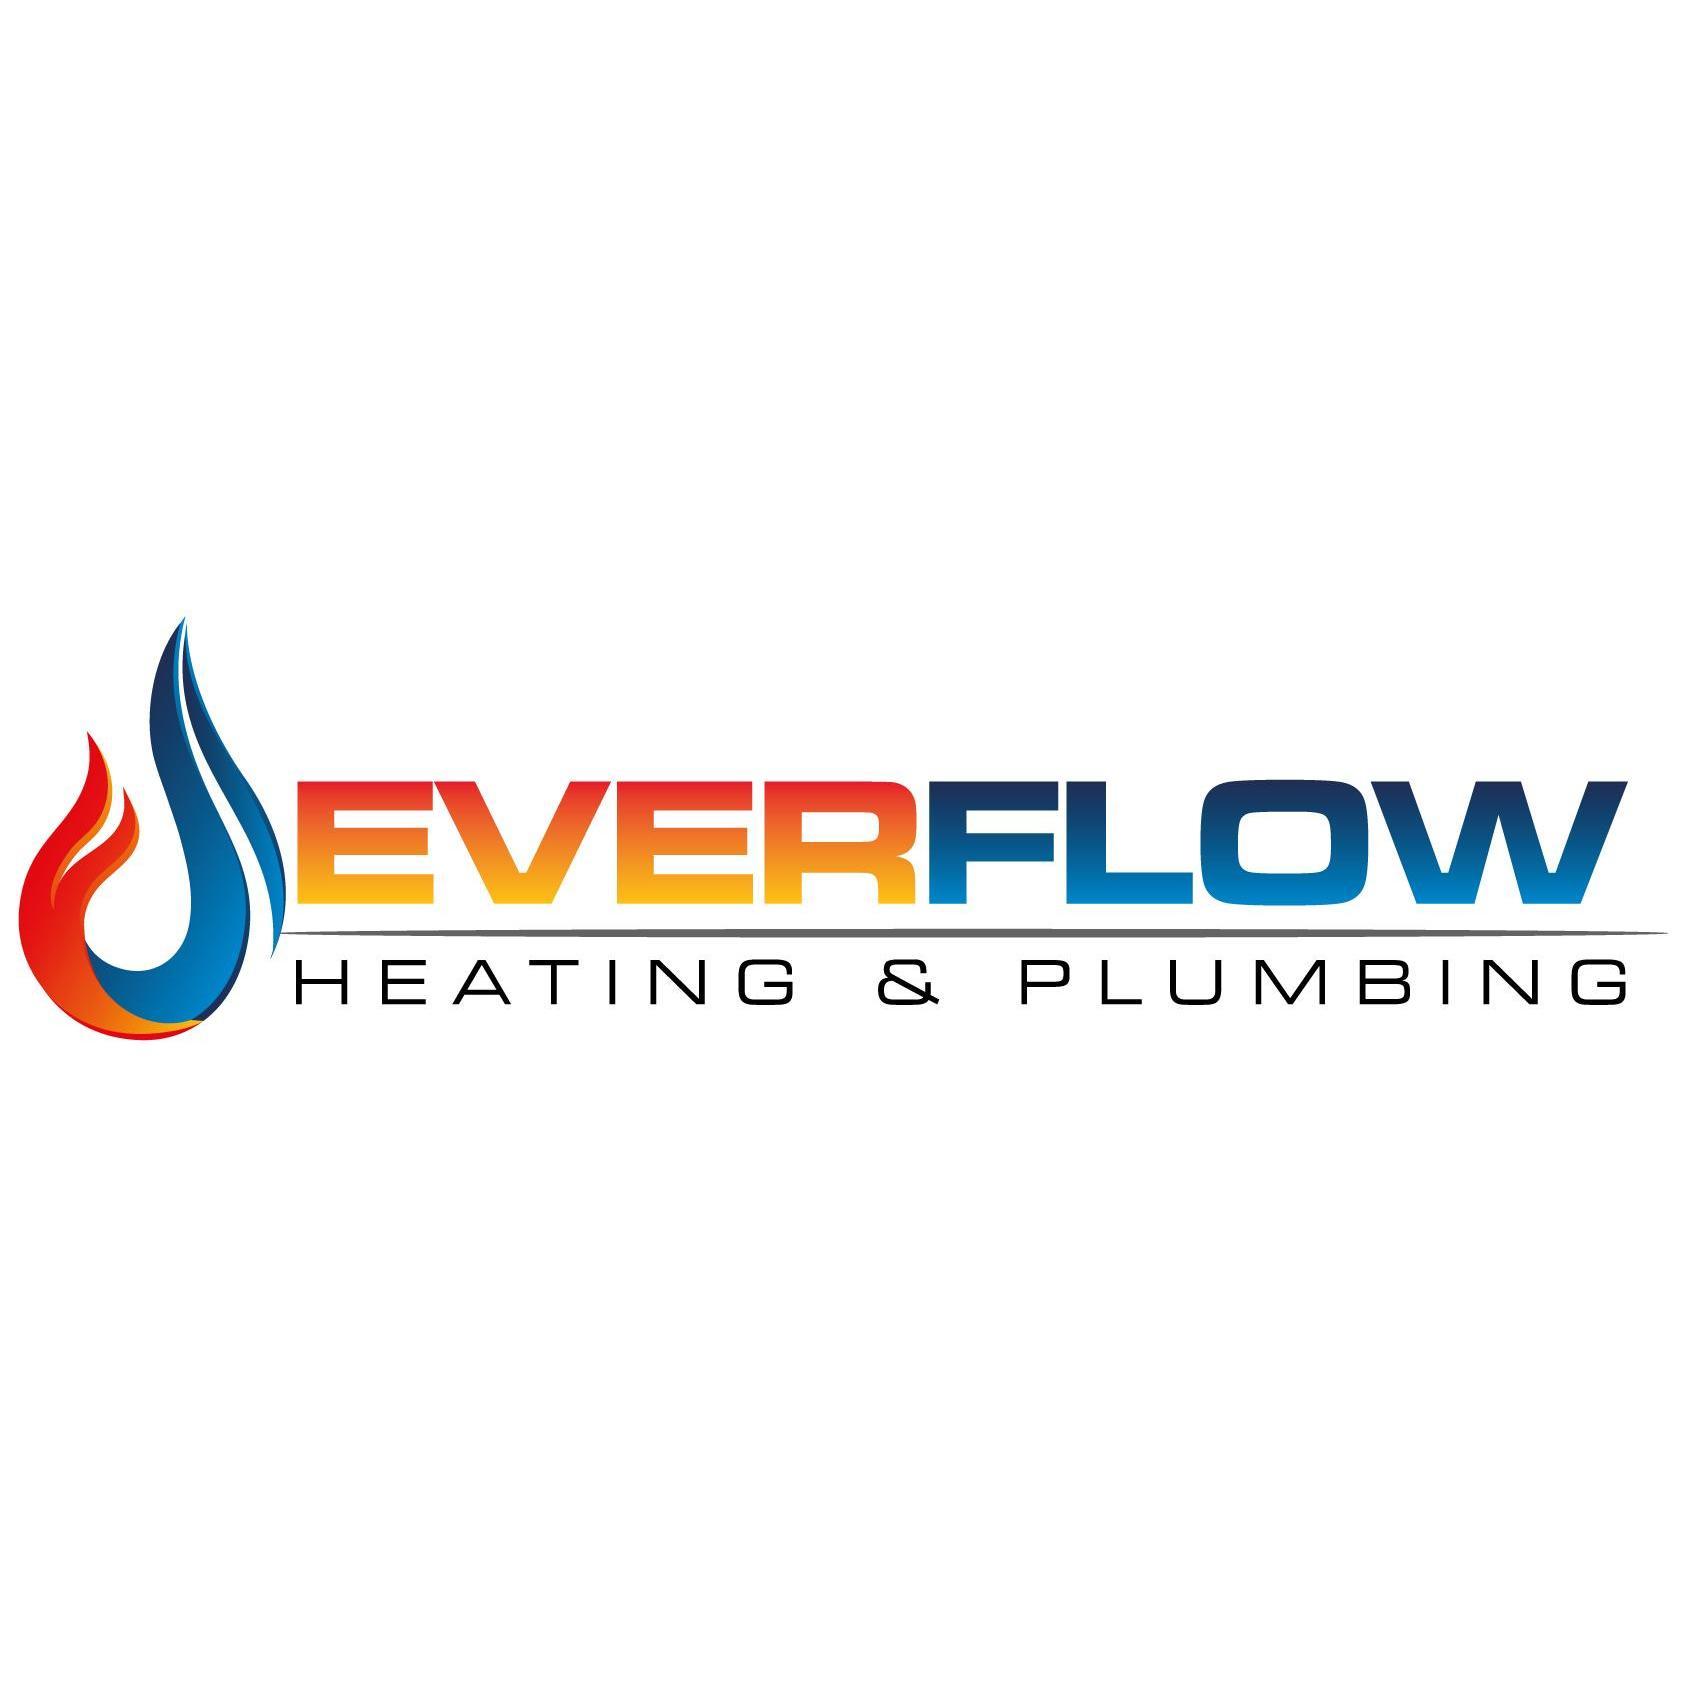 Everflow Heating & Plumbing Ltd - Plumbers in Harlow CM20 ...